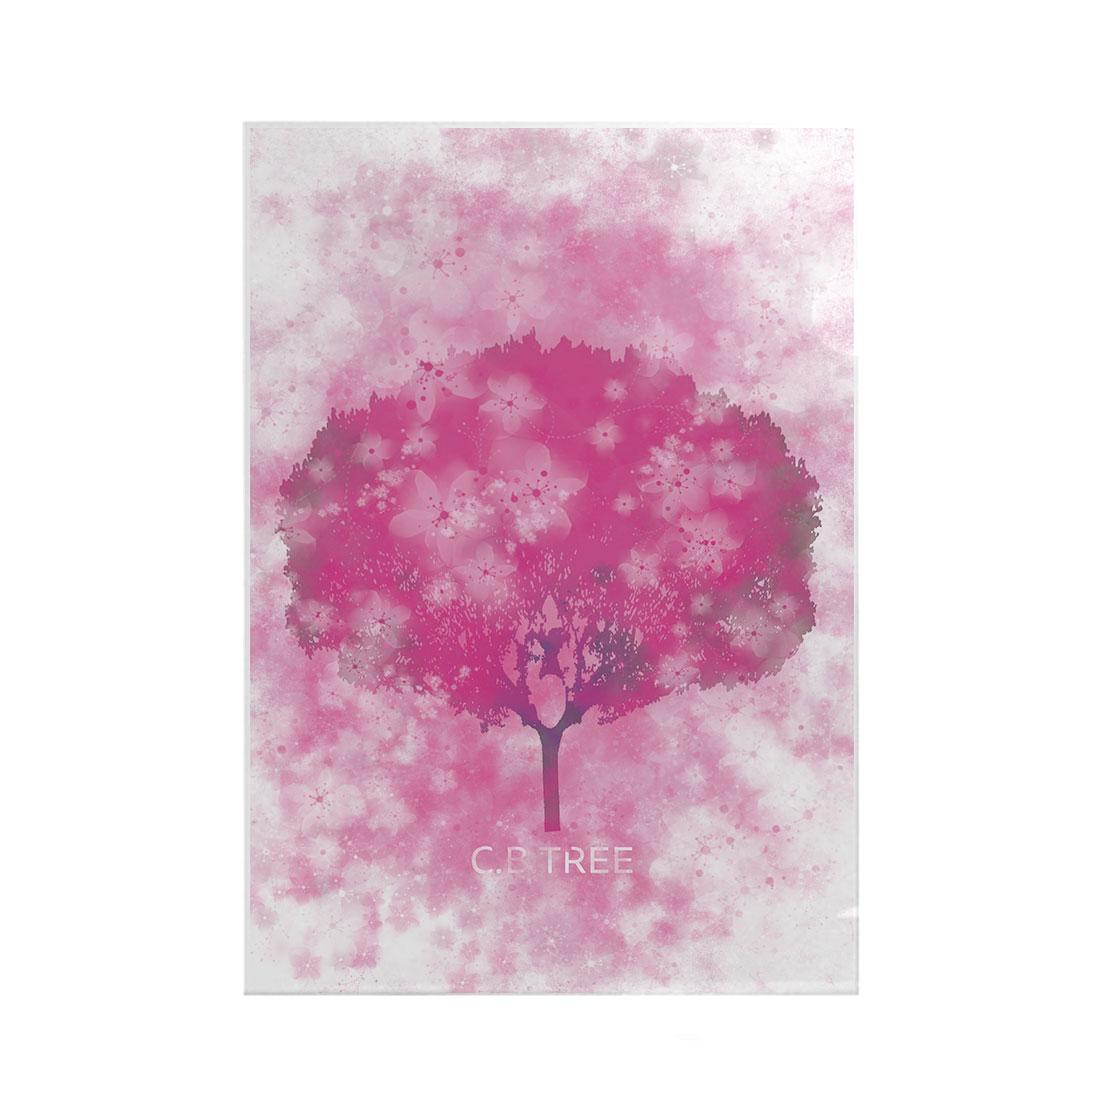 190417 – C.B.Tree